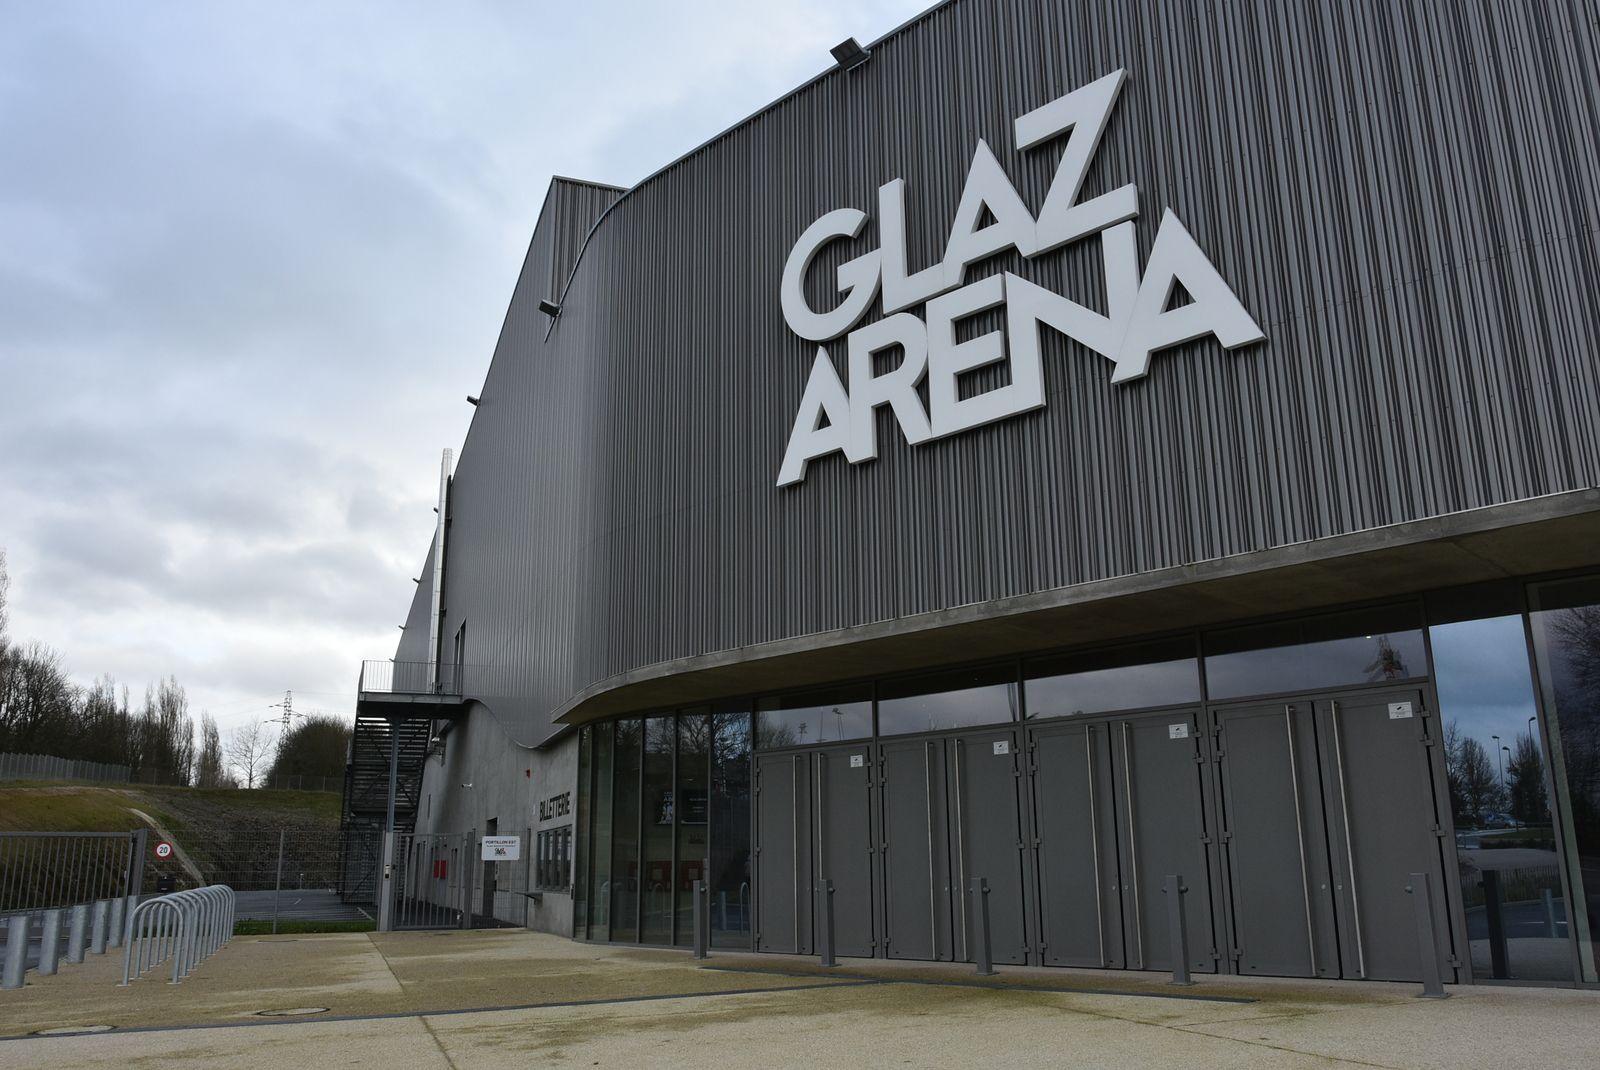 La salle Arena de 4500 places qui n'a rien coûté aux contribuables